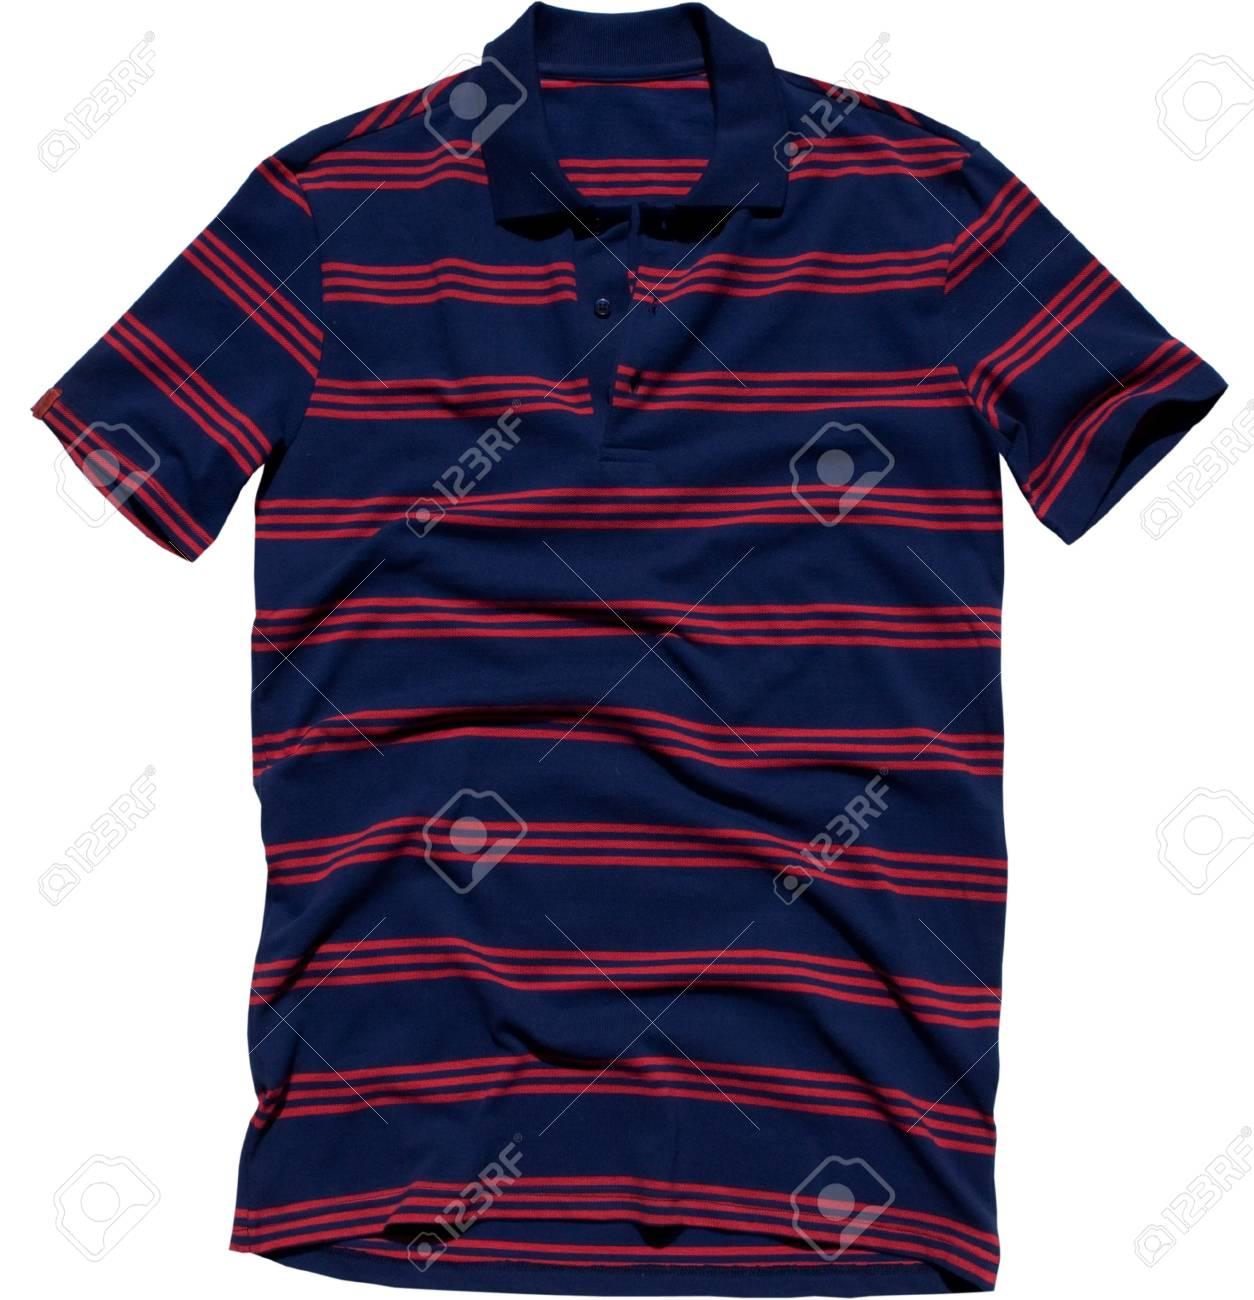 Polo shirt isolated white background Stock Photo - 20333827